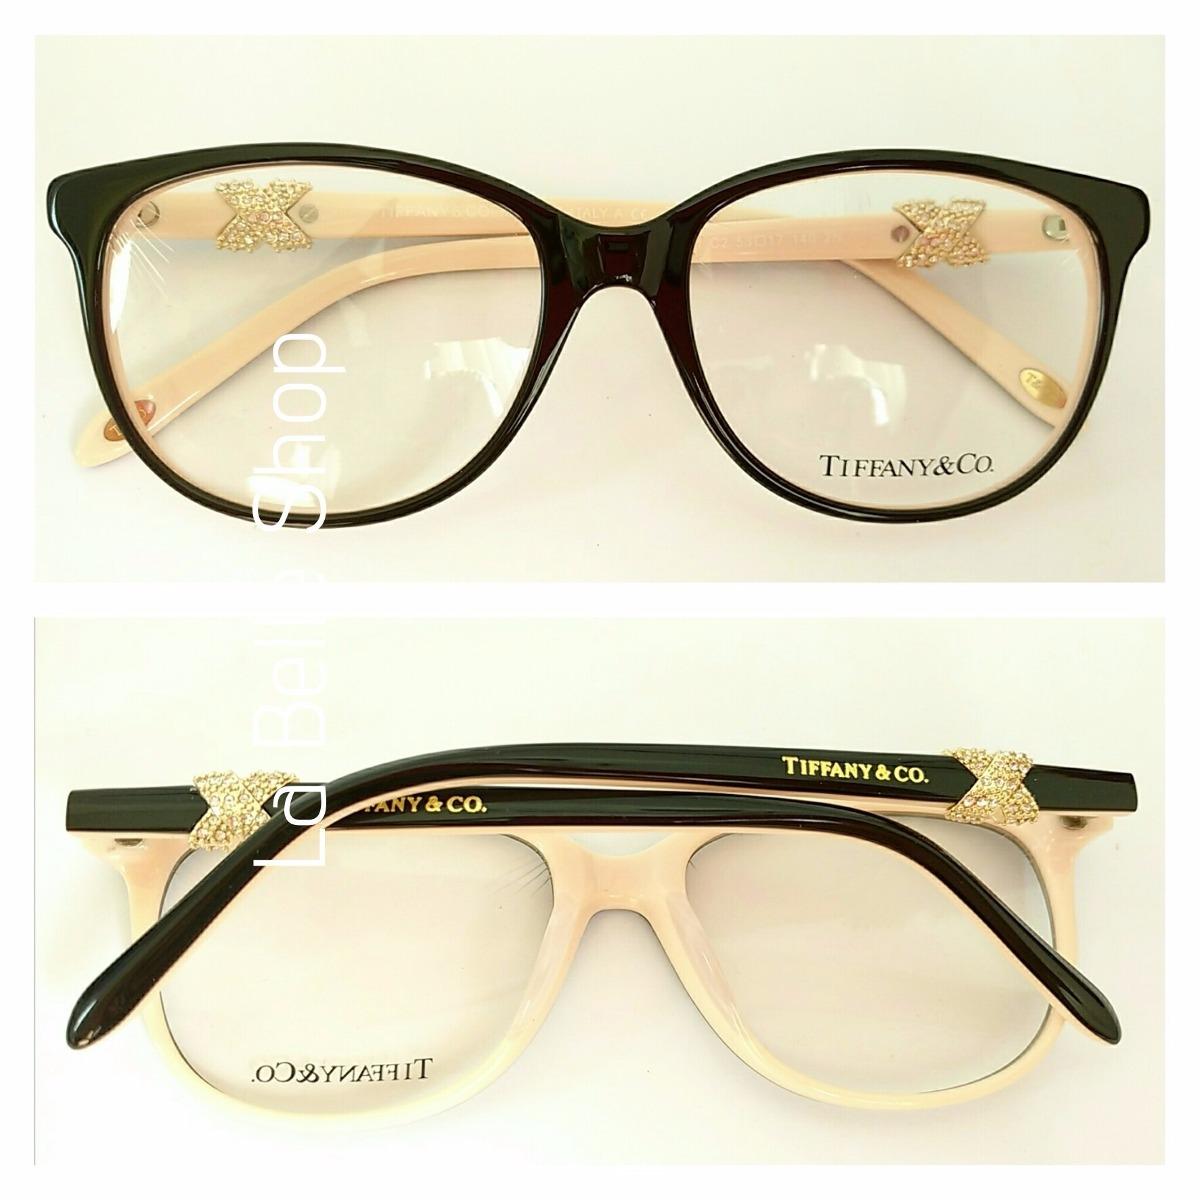 b72febfb058d7 Armação Óculos De Grau Acetato Feminino Tiffany - R  124,00 em ...